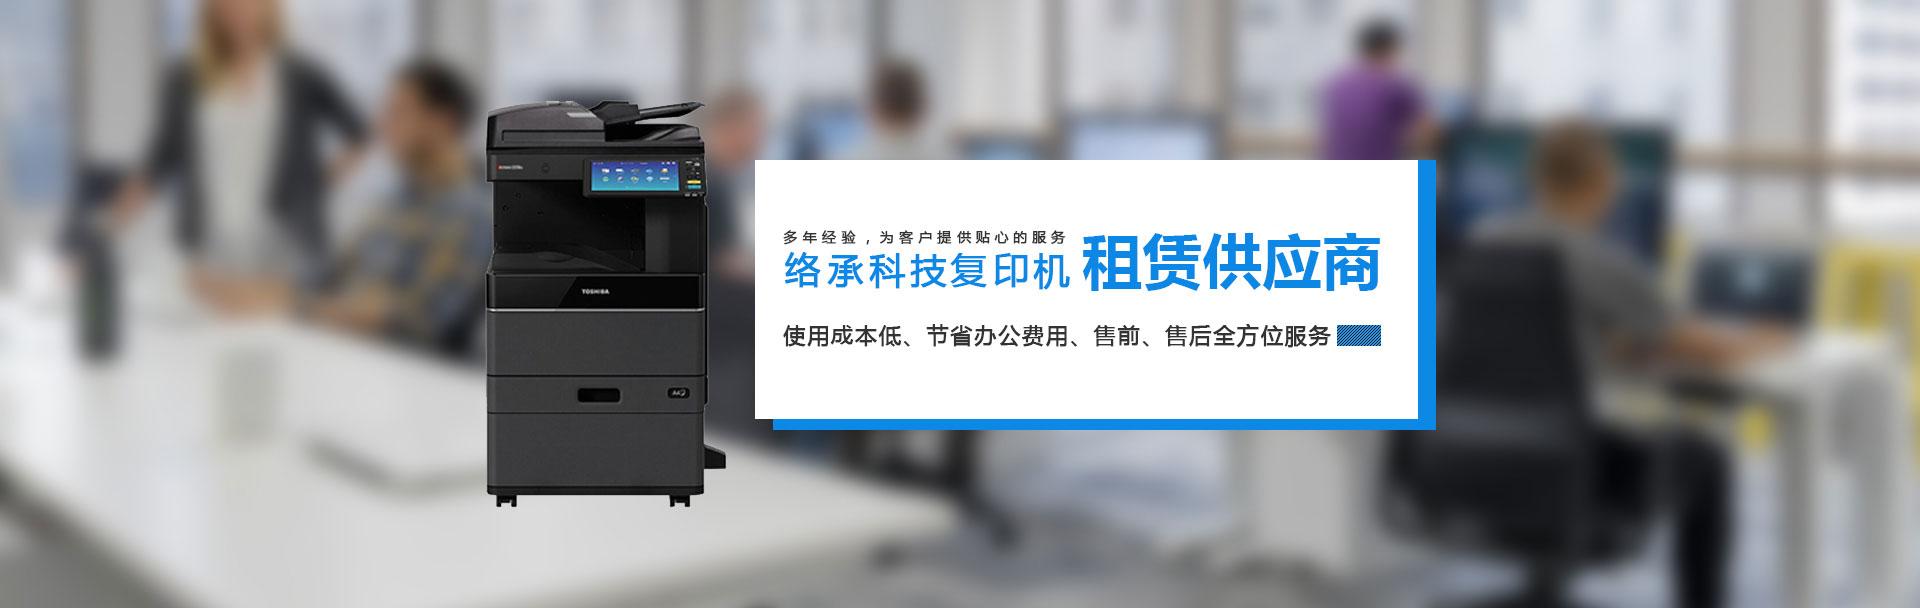 重庆打印机租赁